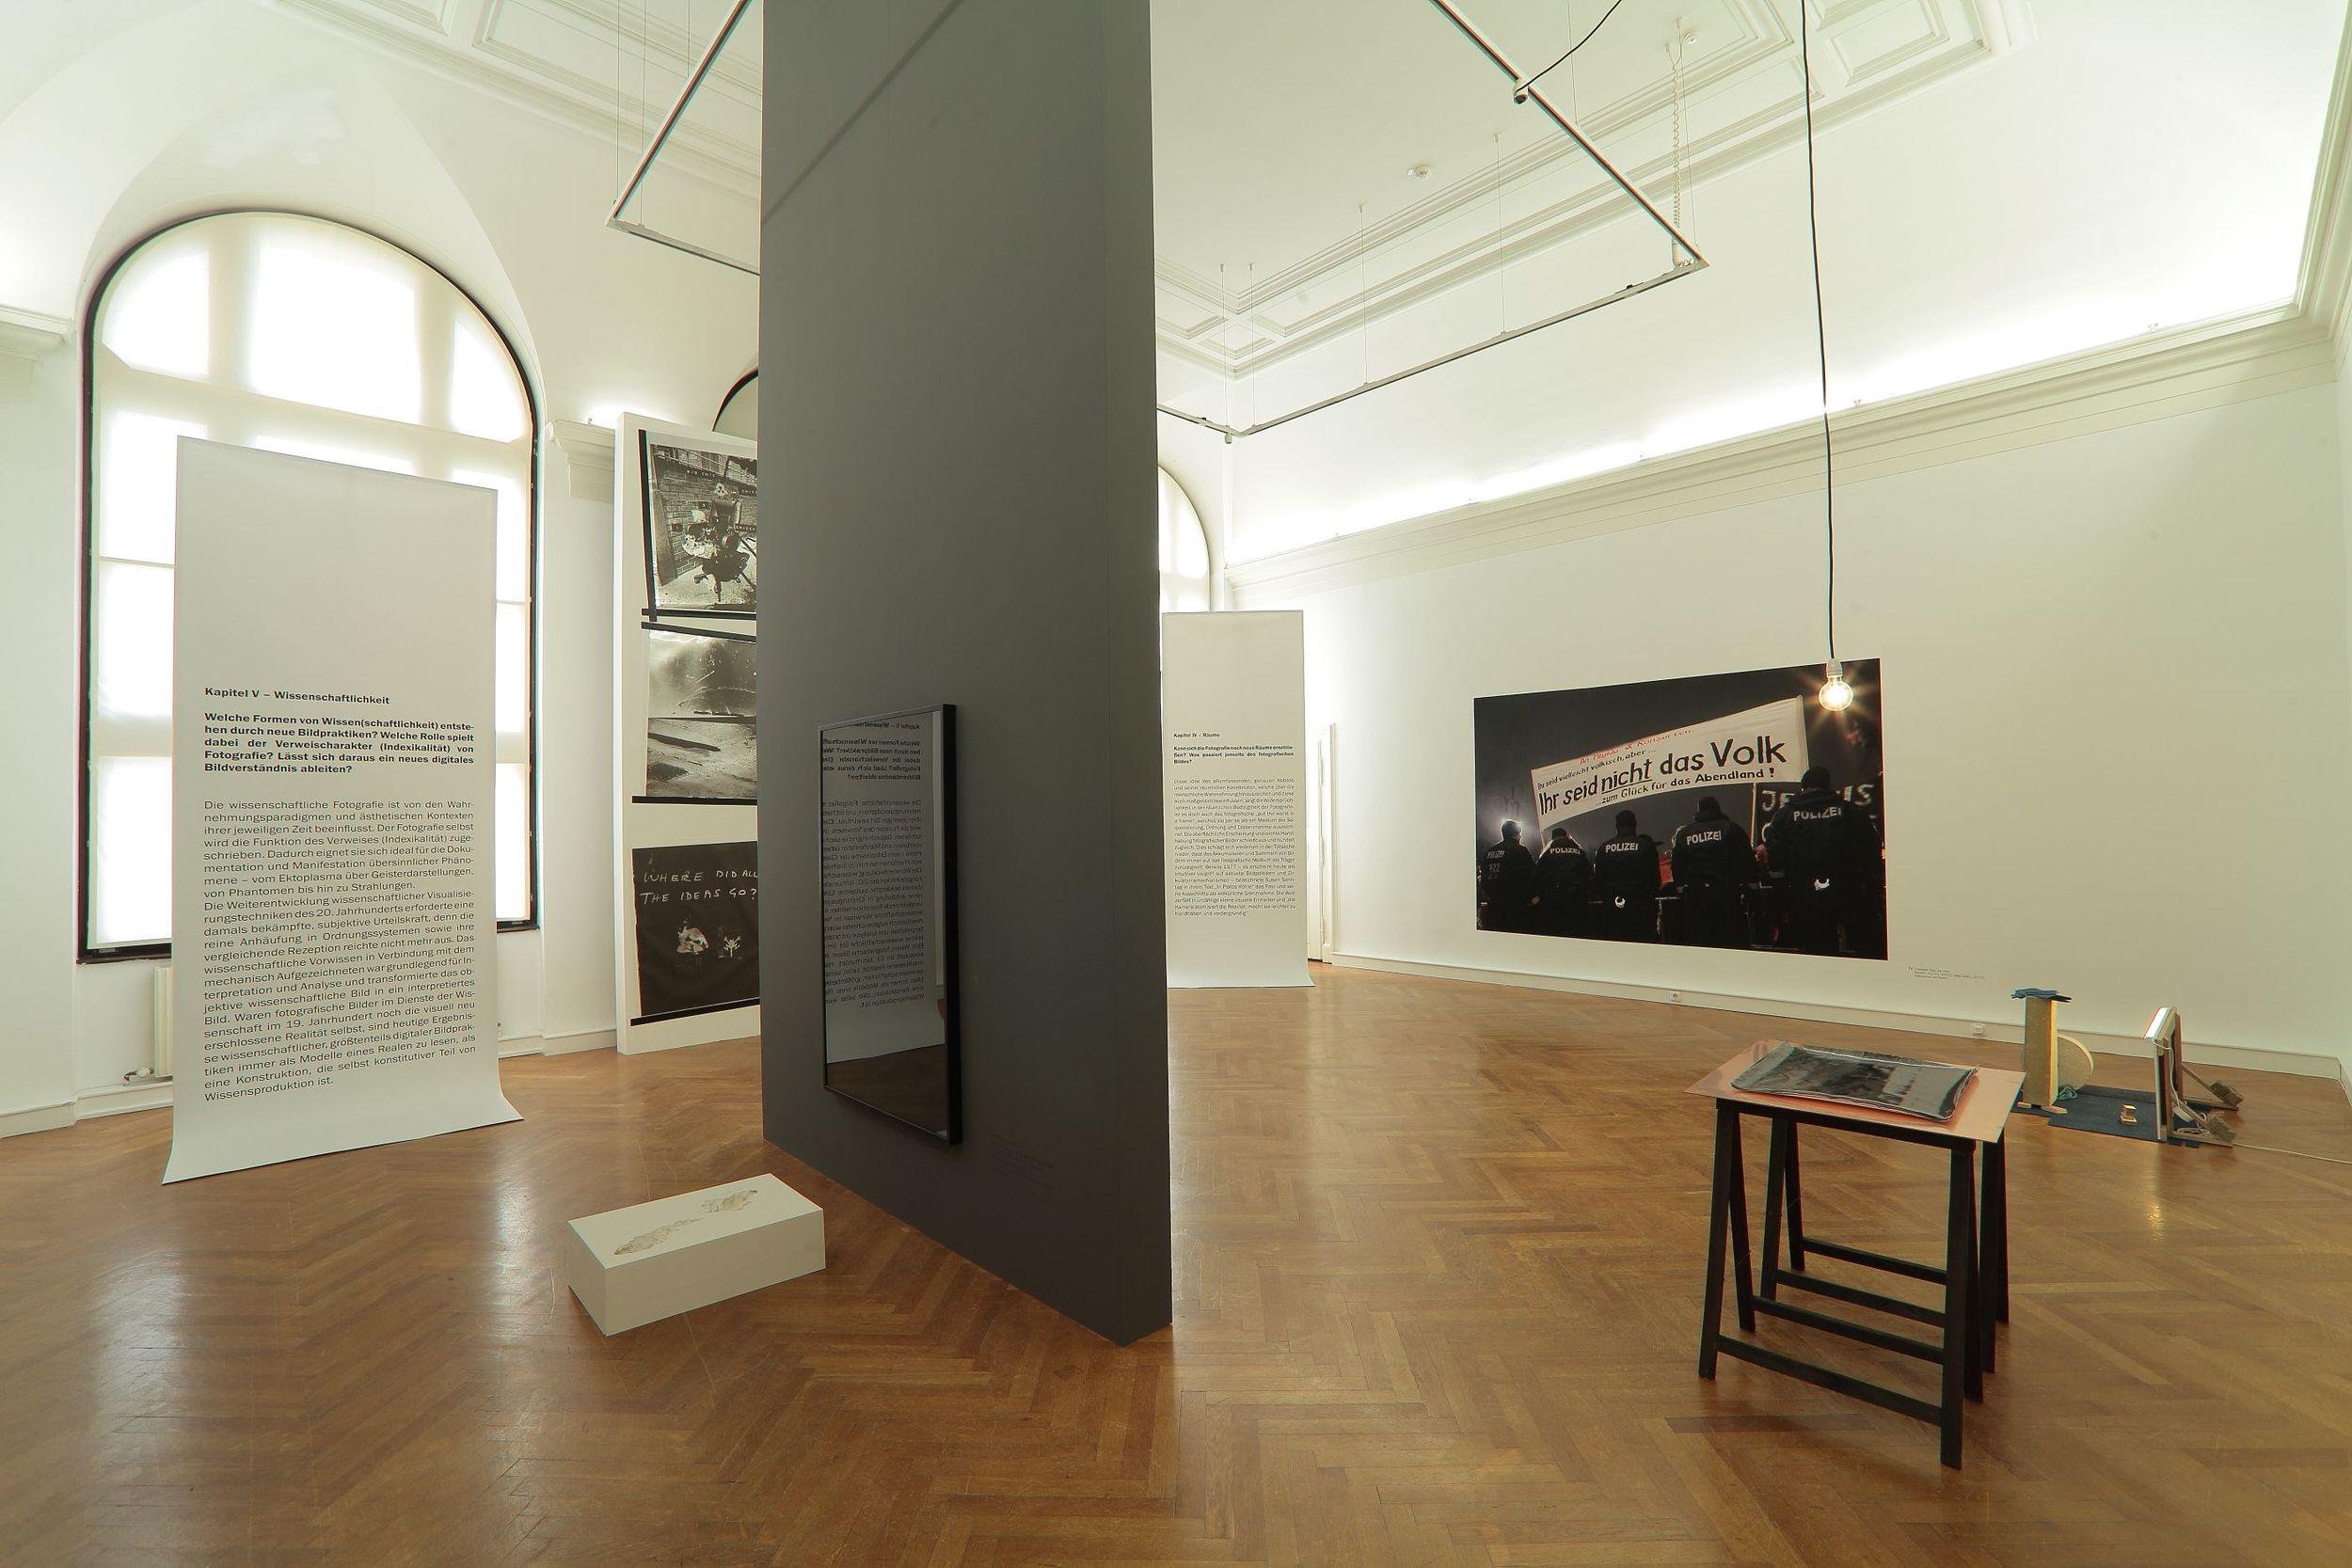 VI x VI Positionen zur Zukunft der Fotografie  25. Mai bis 21. August 2016, Landesgalerie Linz Ausstellungsdesign: Studio Miessen, Berlin Foto: A. Bruckböck, Oberösterreichisches Landesmuseum